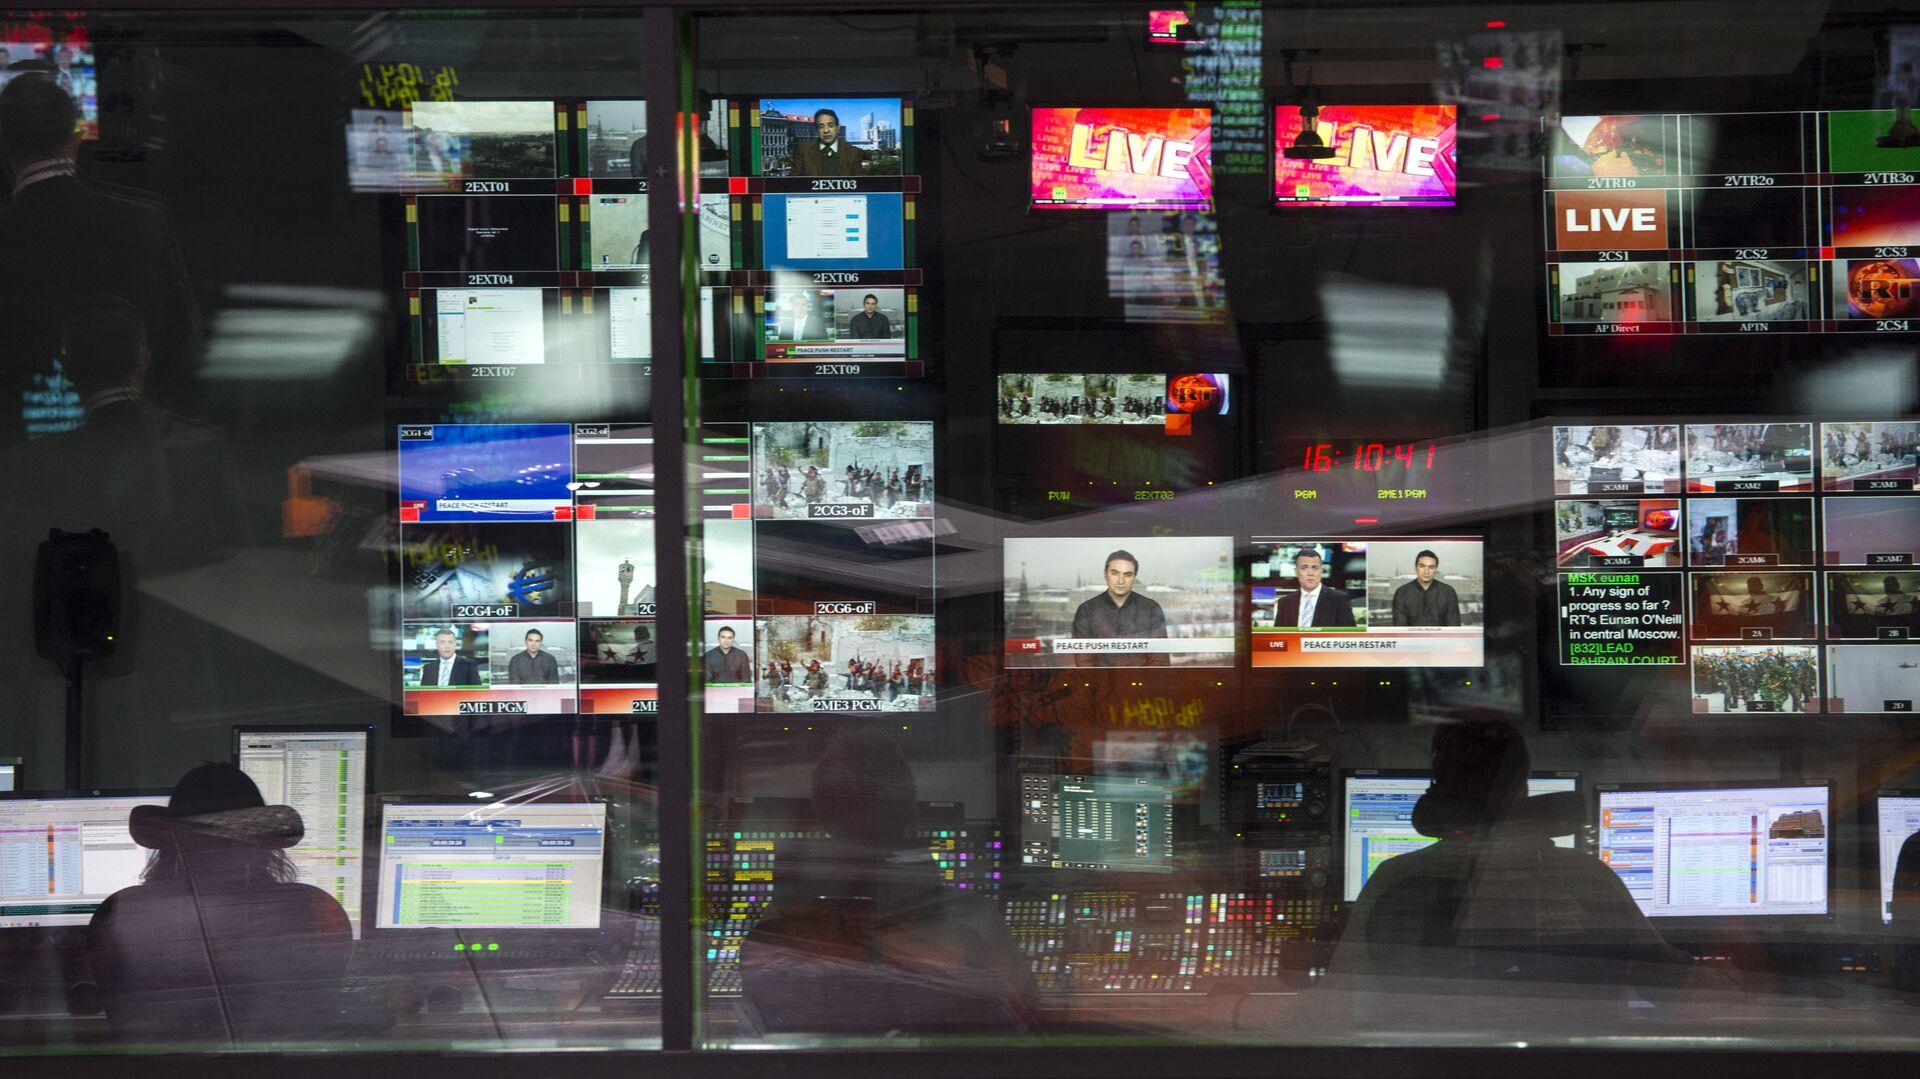 Аппаратная ньюсрума телеканала Russia Today на английском языке, архивное фото - Sputnik Таджикистан, 1920, 01.05.2021